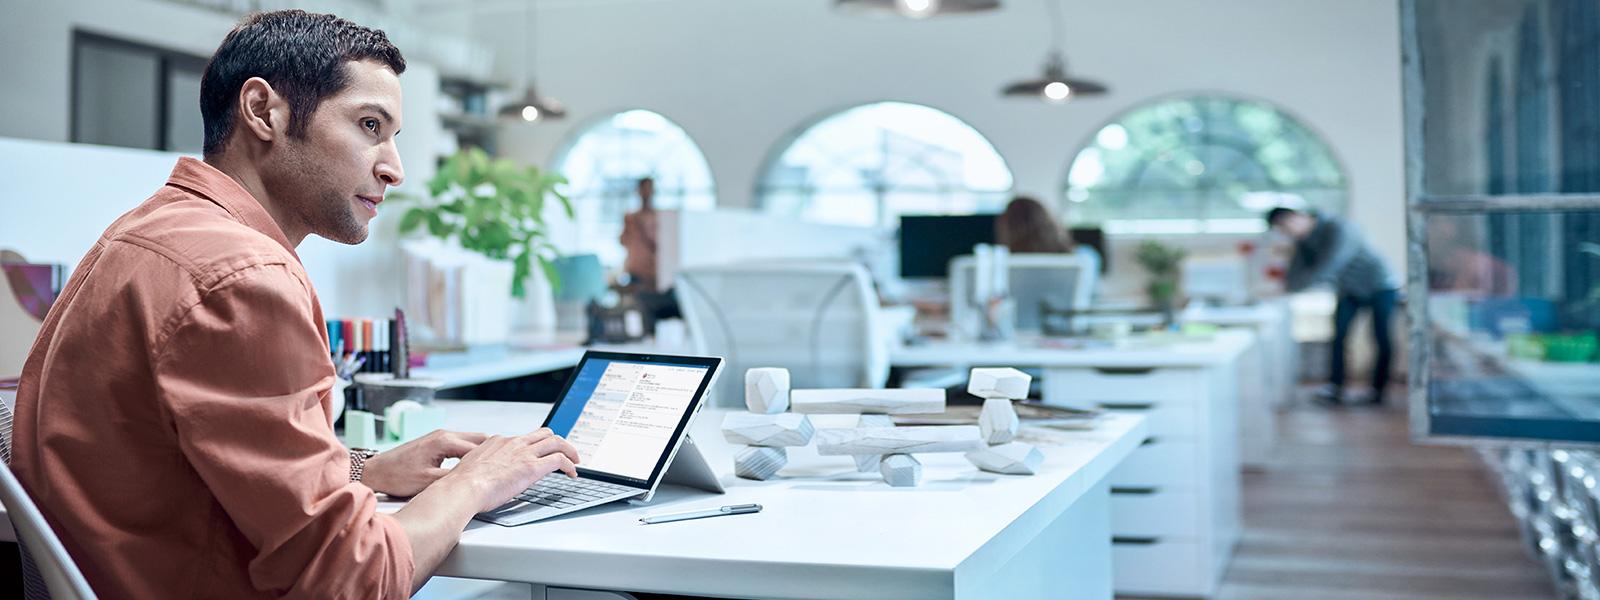 Surface Pro 4, stor skjerm og tastatur på et skrivebord.